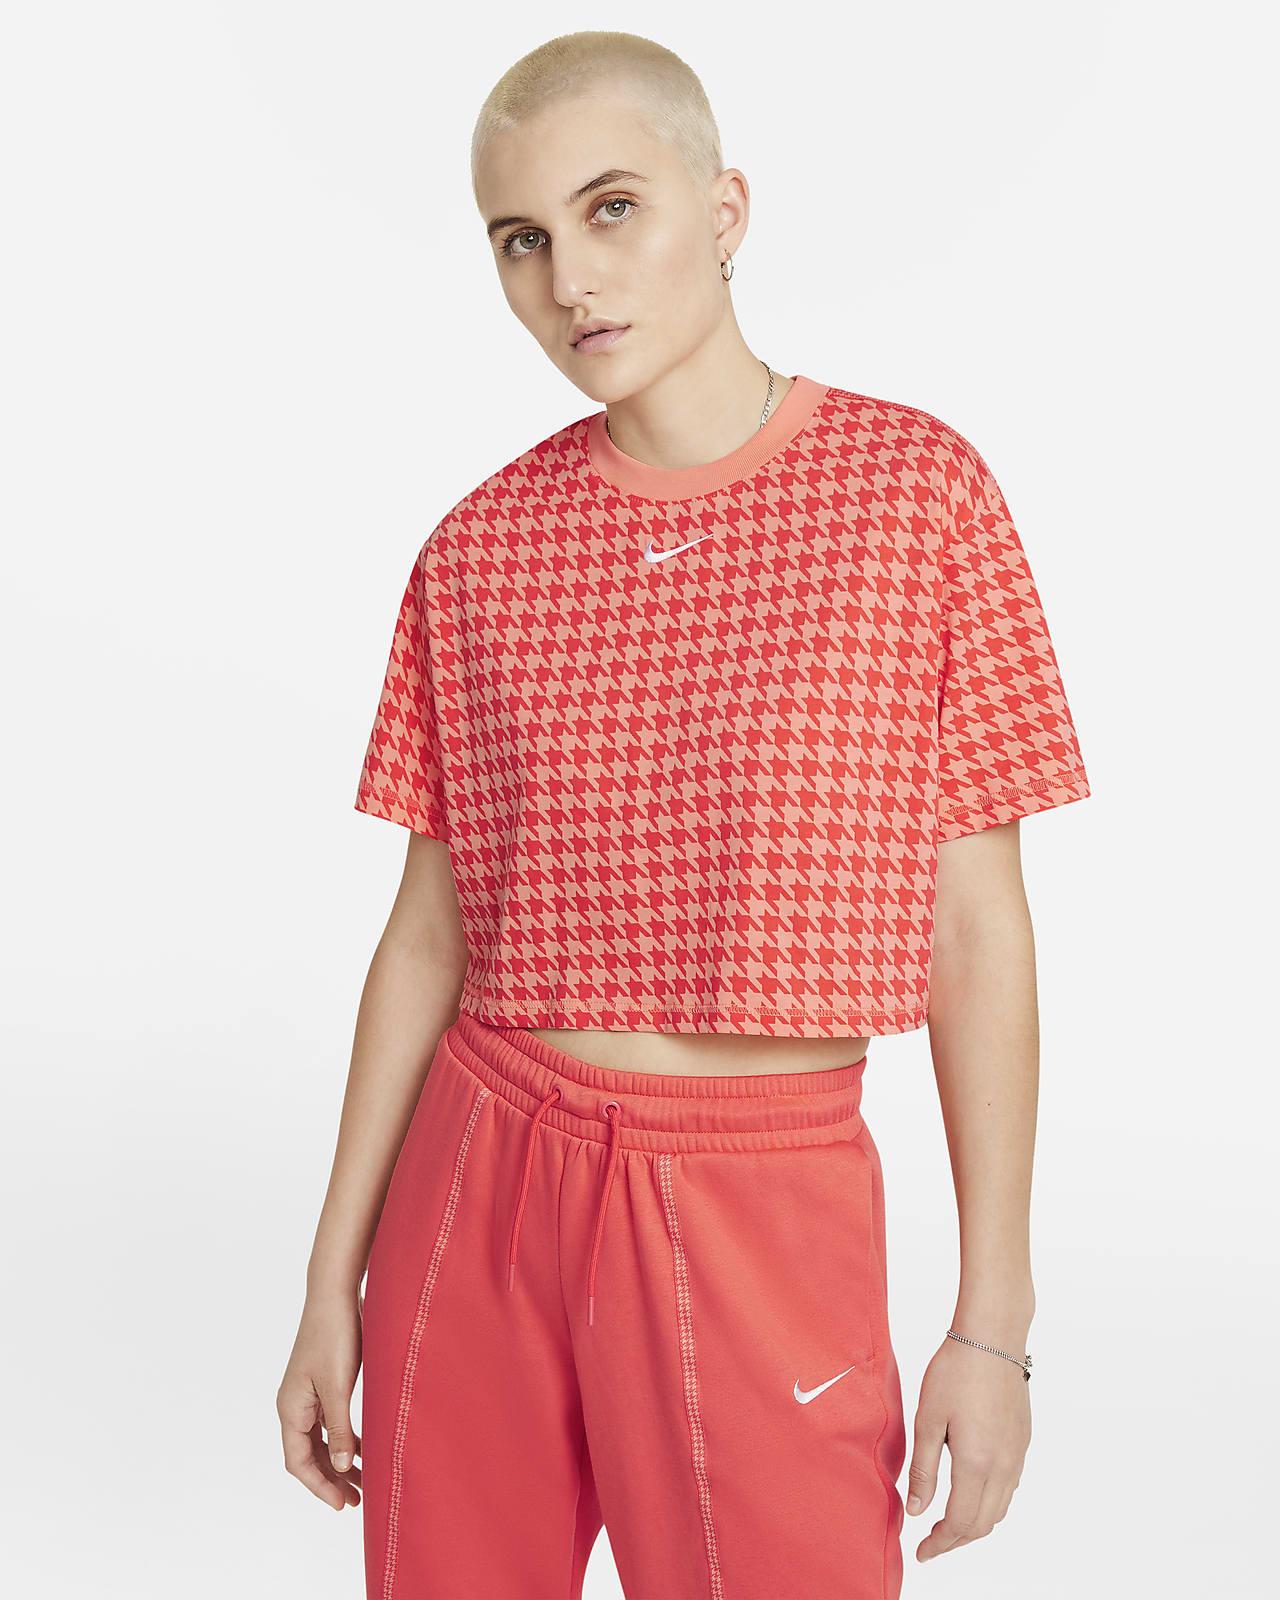 Nike Sportswear Icon Clash Women's Oversized Crop Top